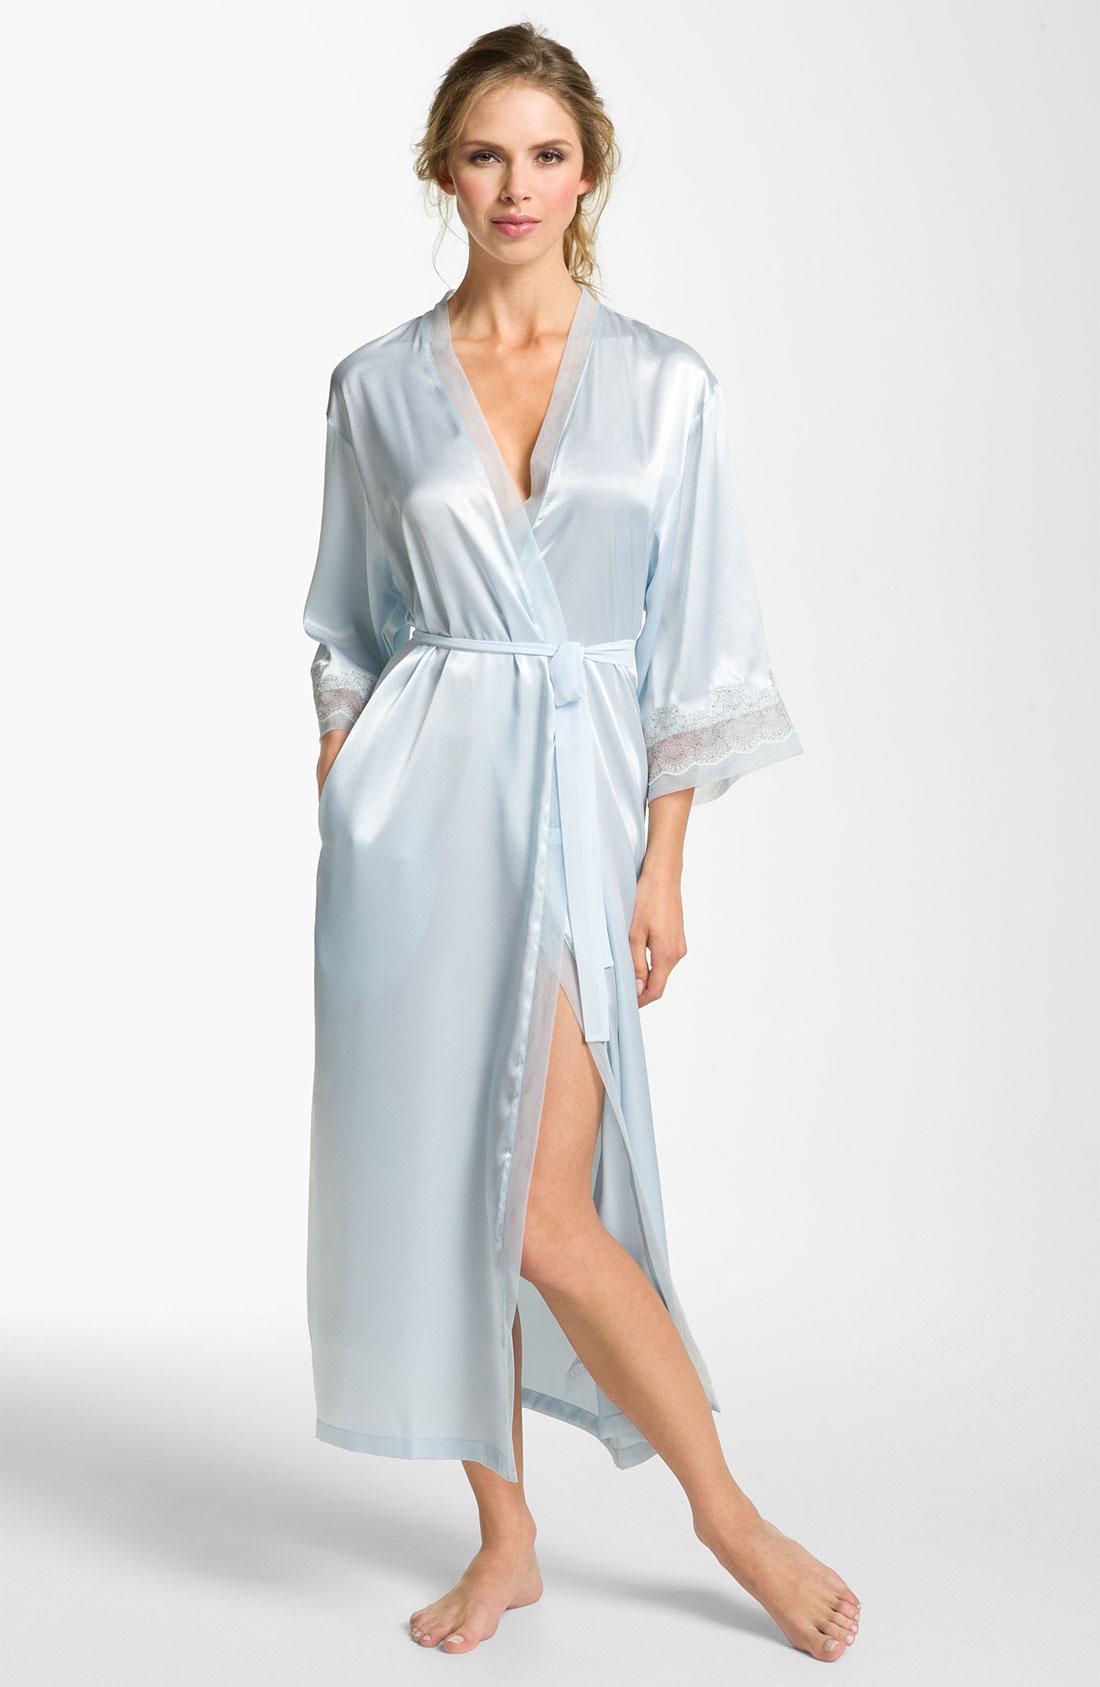 oscar de la renta elegant satin robe in blue blue vapor lyst. Black Bedroom Furniture Sets. Home Design Ideas